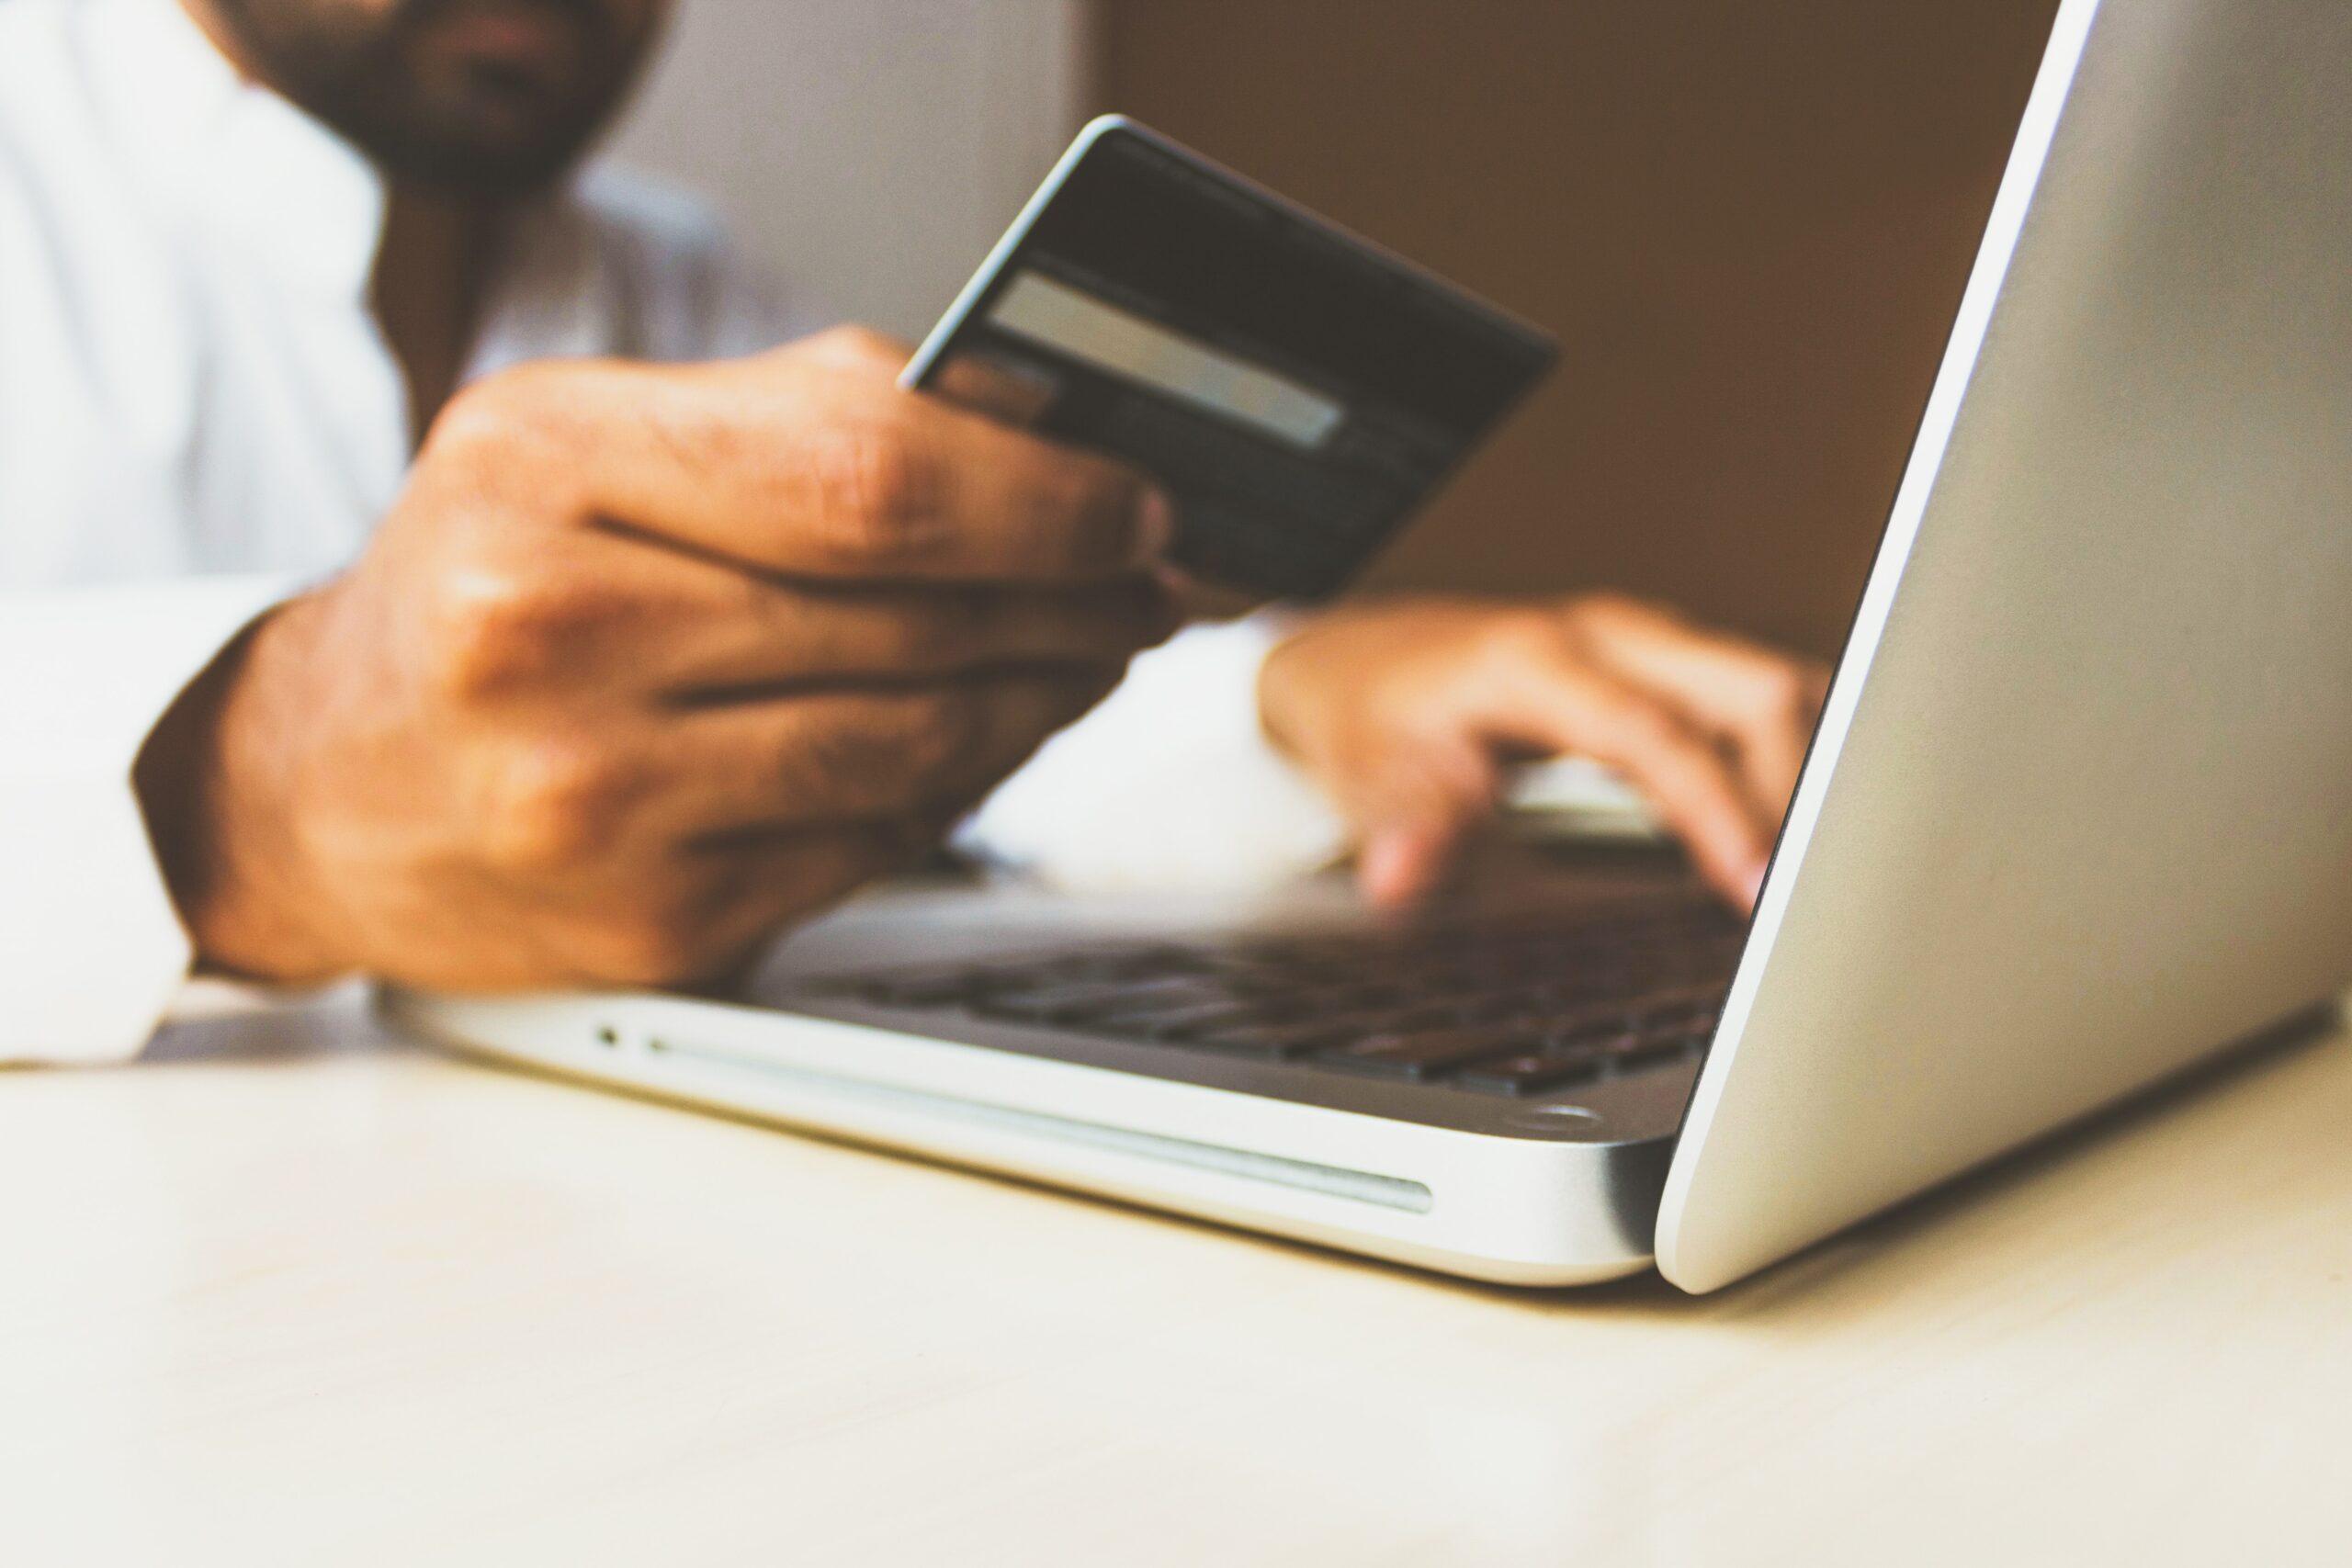 Casino Online: Enklare betalningar med BankID och Swish 3